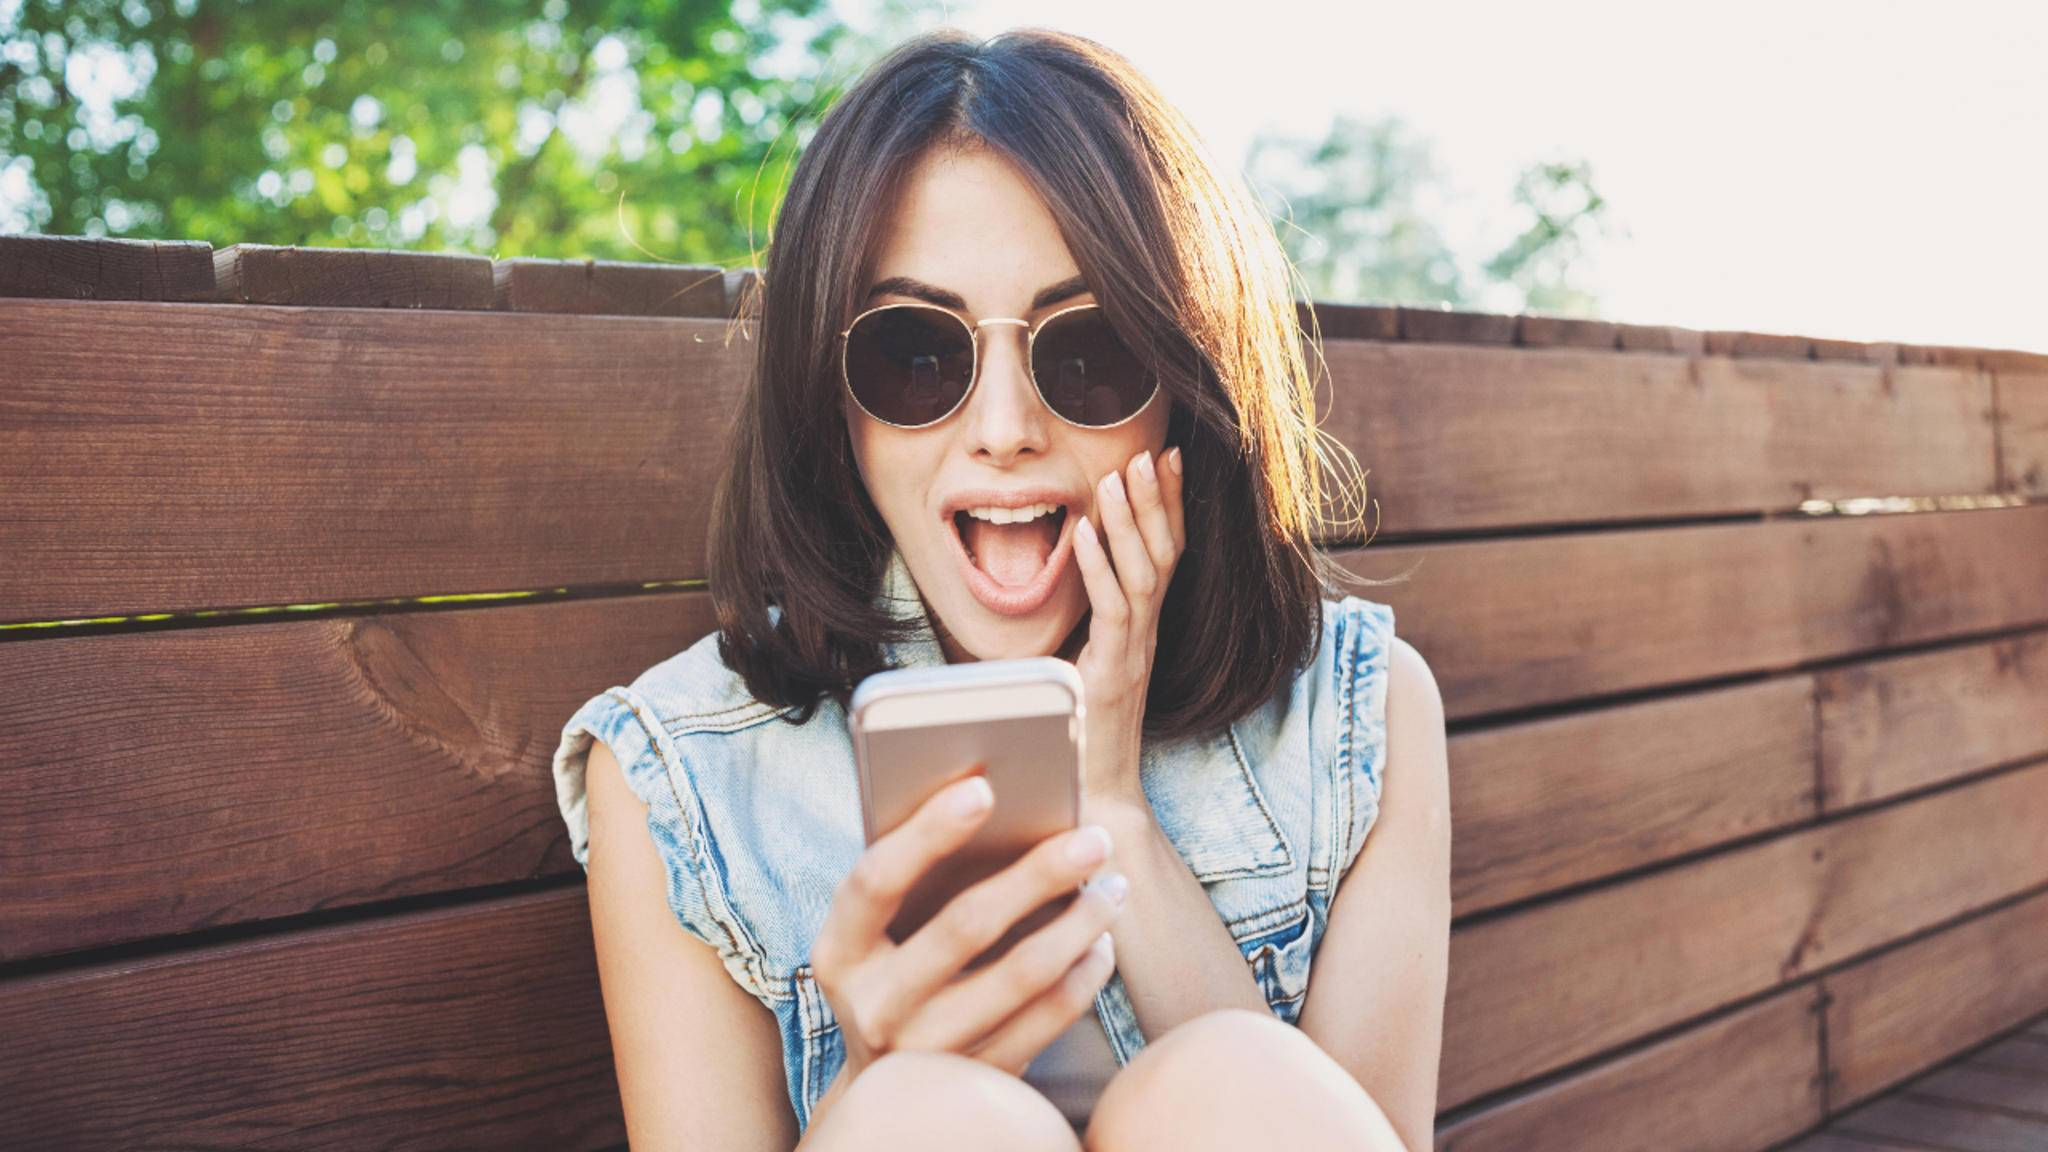 Bring Deine Freunde mit lustigen WhatsApp-Bildern zum Lachen!